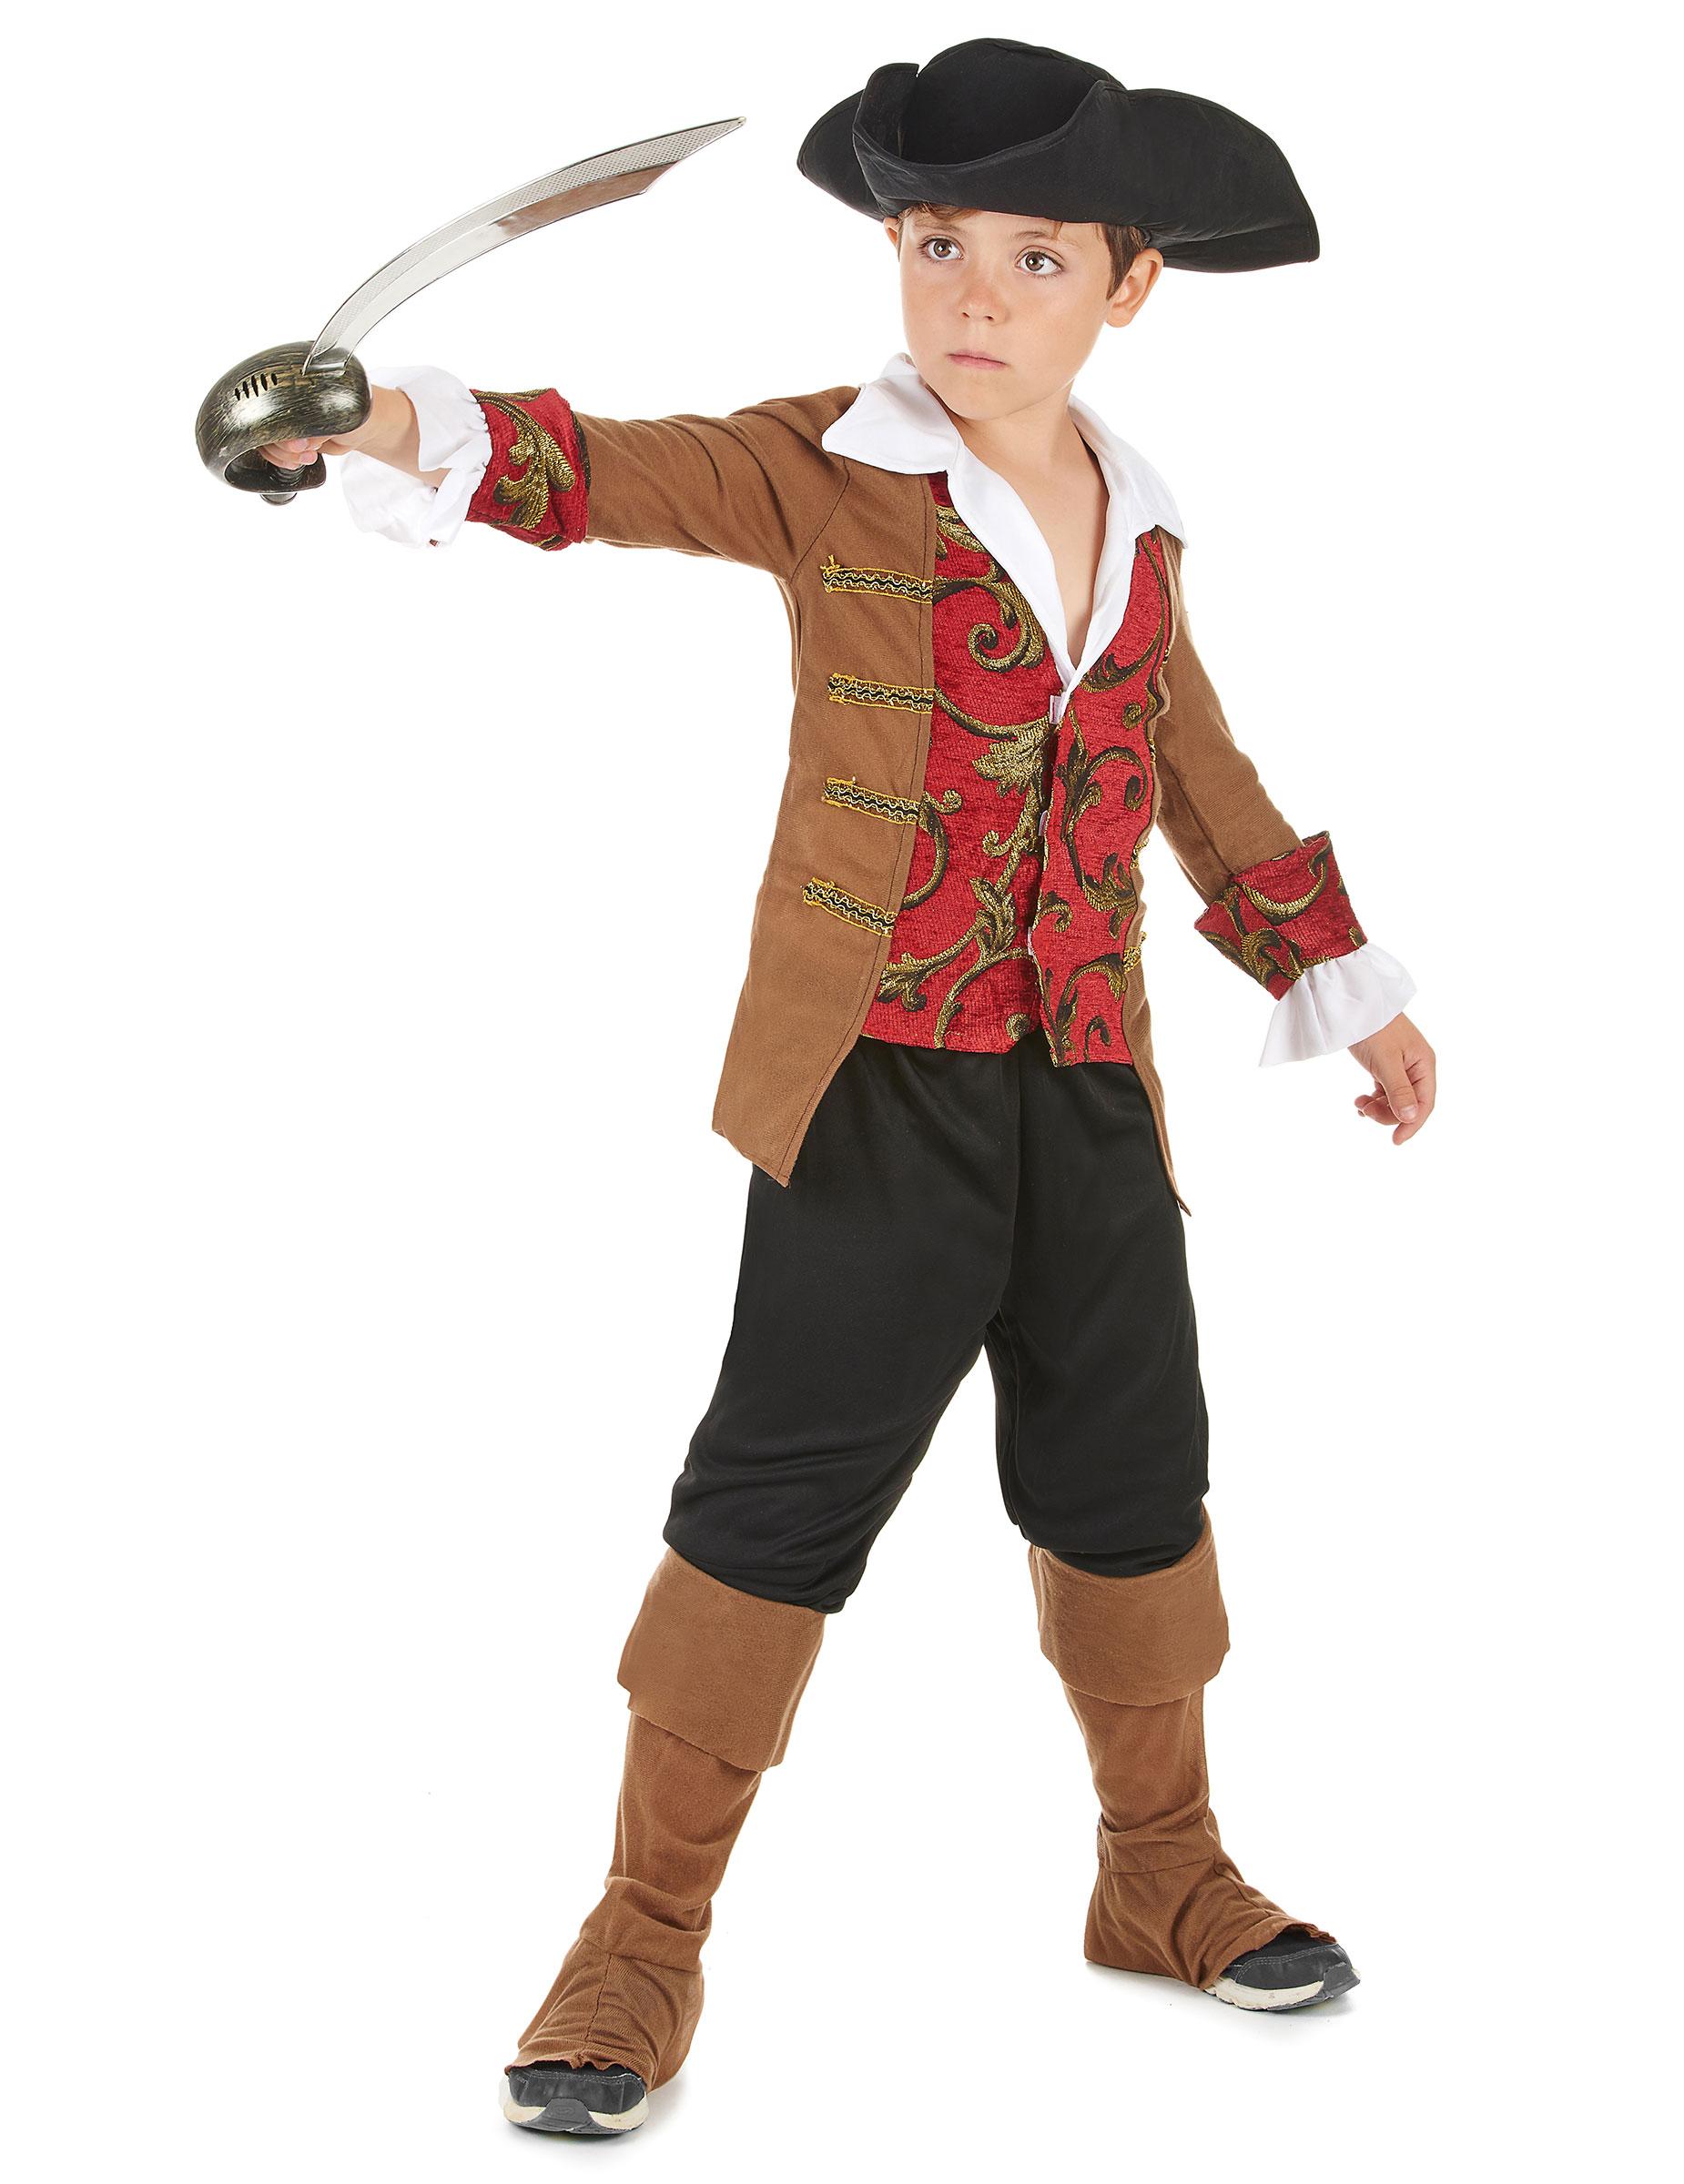 d guisement pirate gar on marron et noir deguise toi achat de d guisements enfants